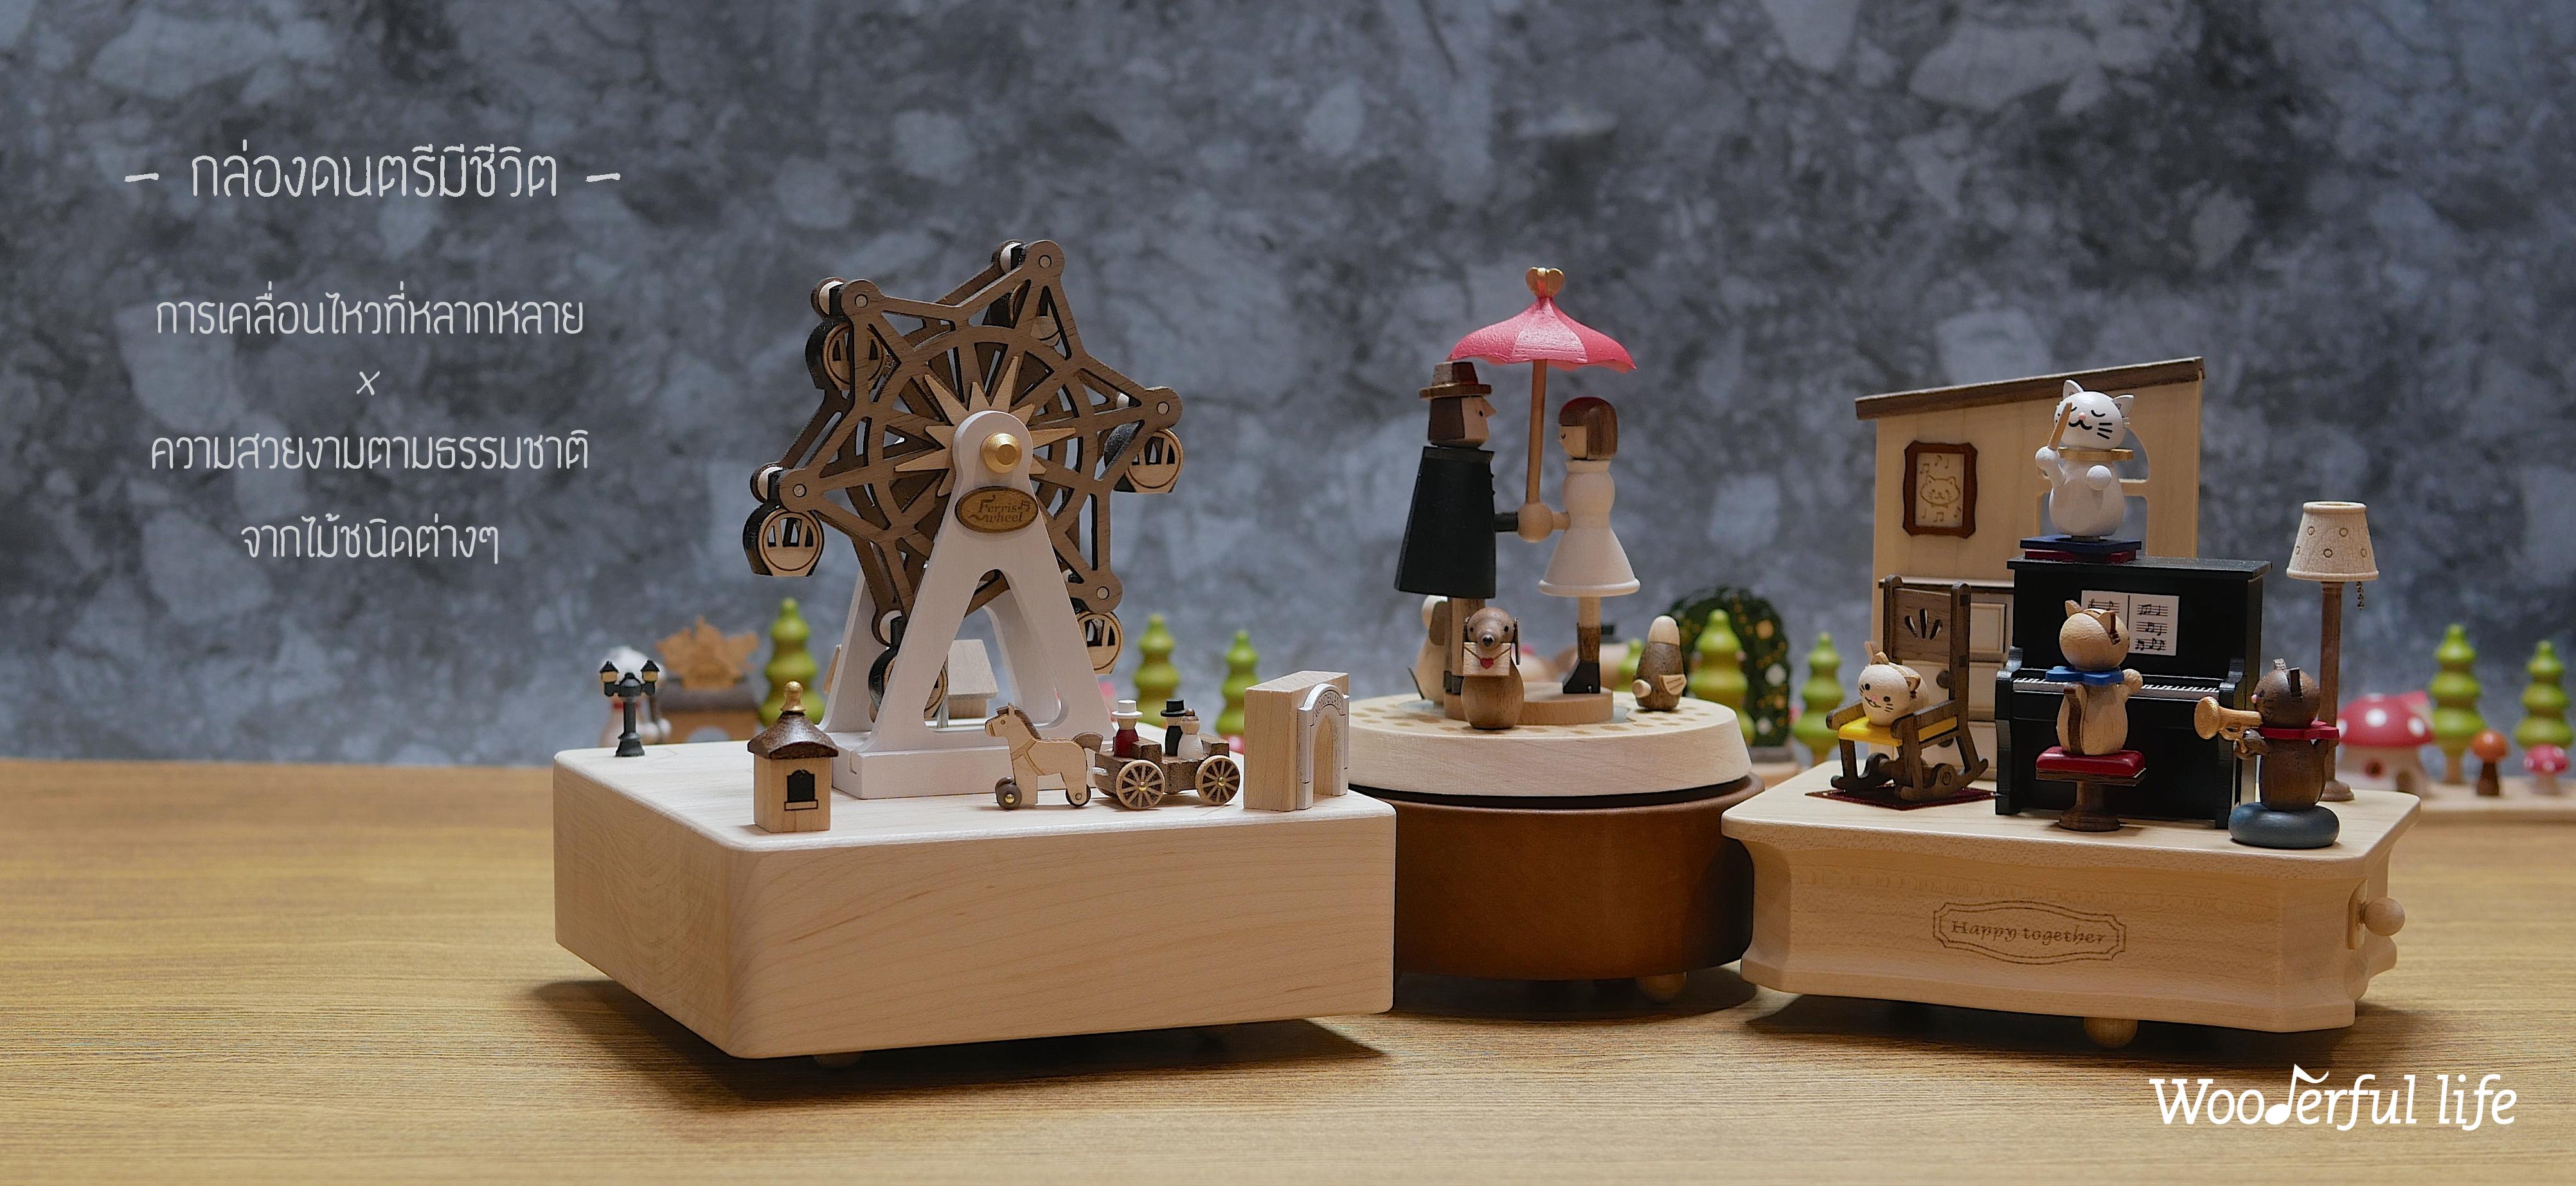 กล่องดนตรี Music Box